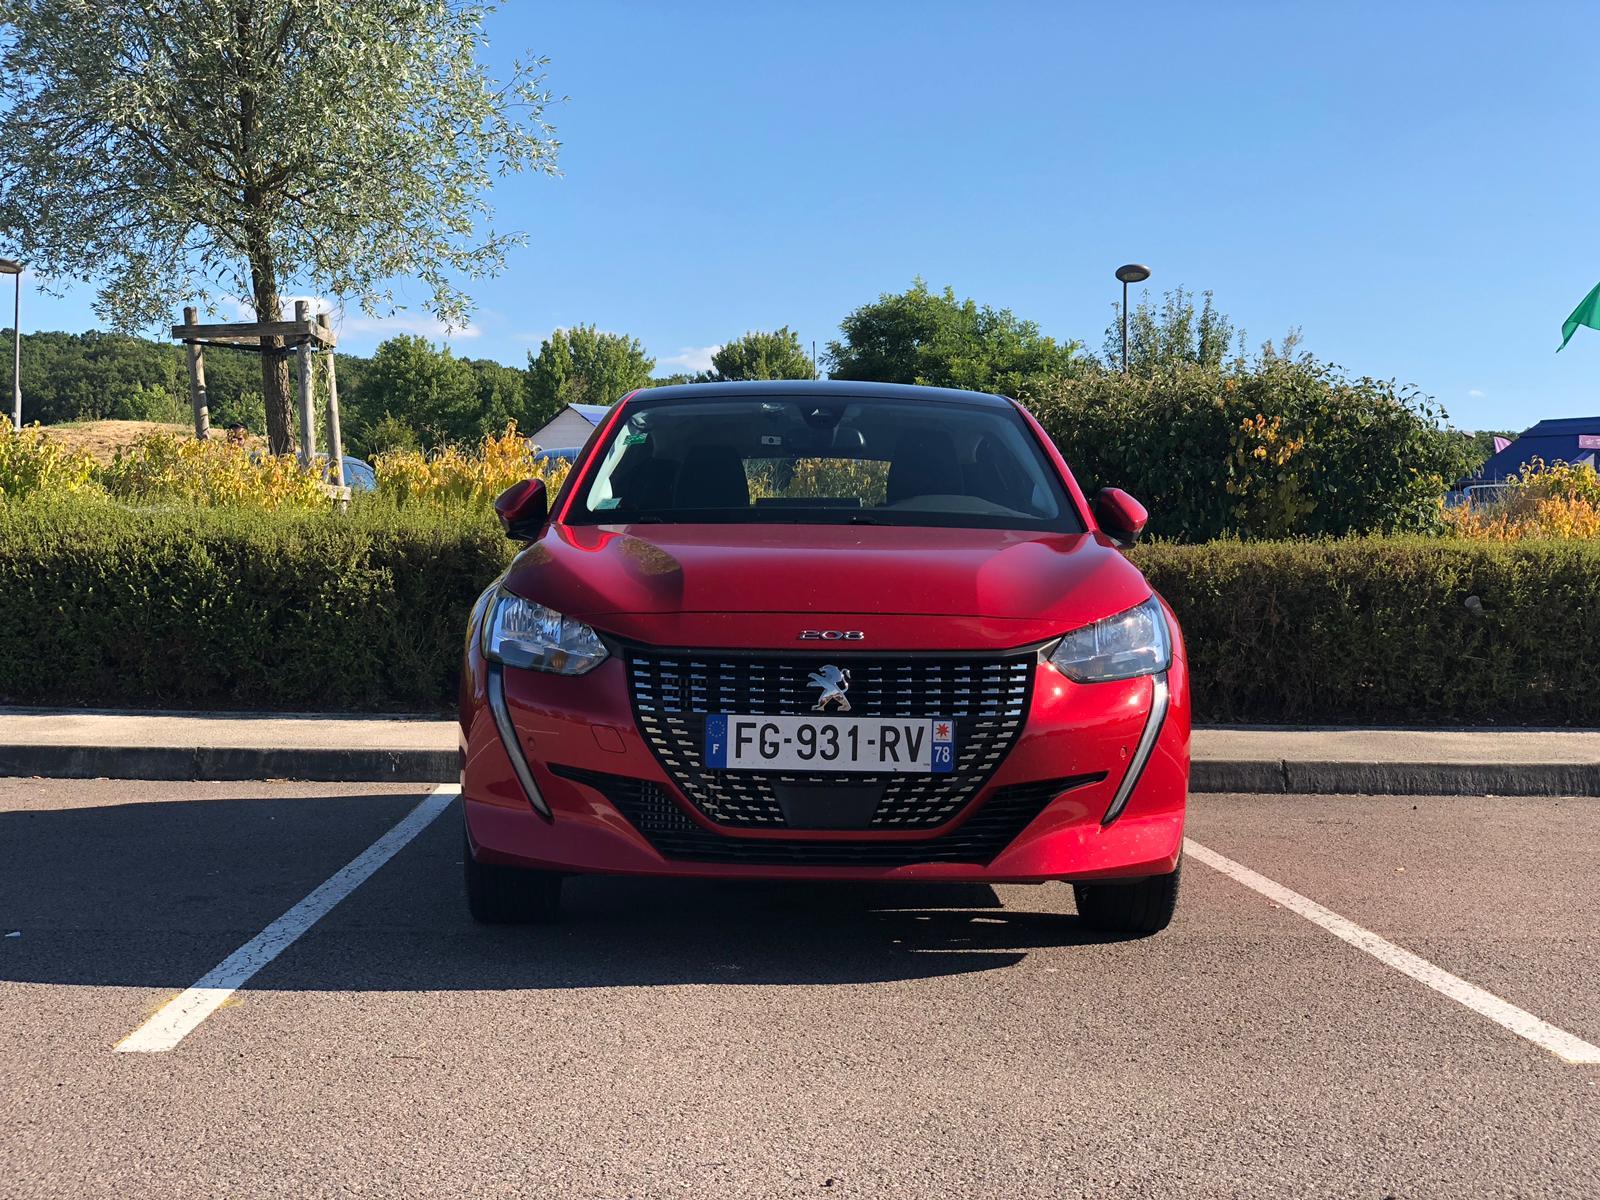 2019 - [Opel] Corsa F [P2JO] - Page 14 IMG-20190719-WA0013